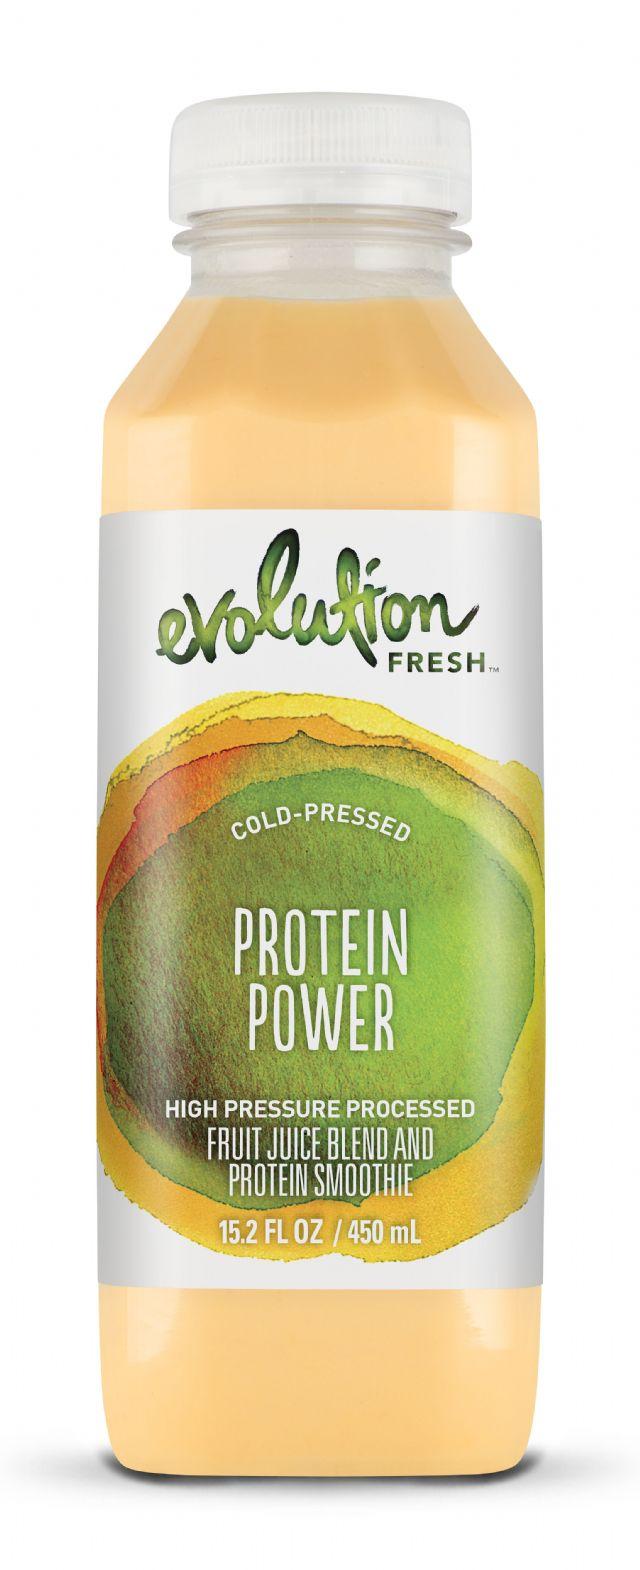 Evolution Fresh: ProteinPower copy